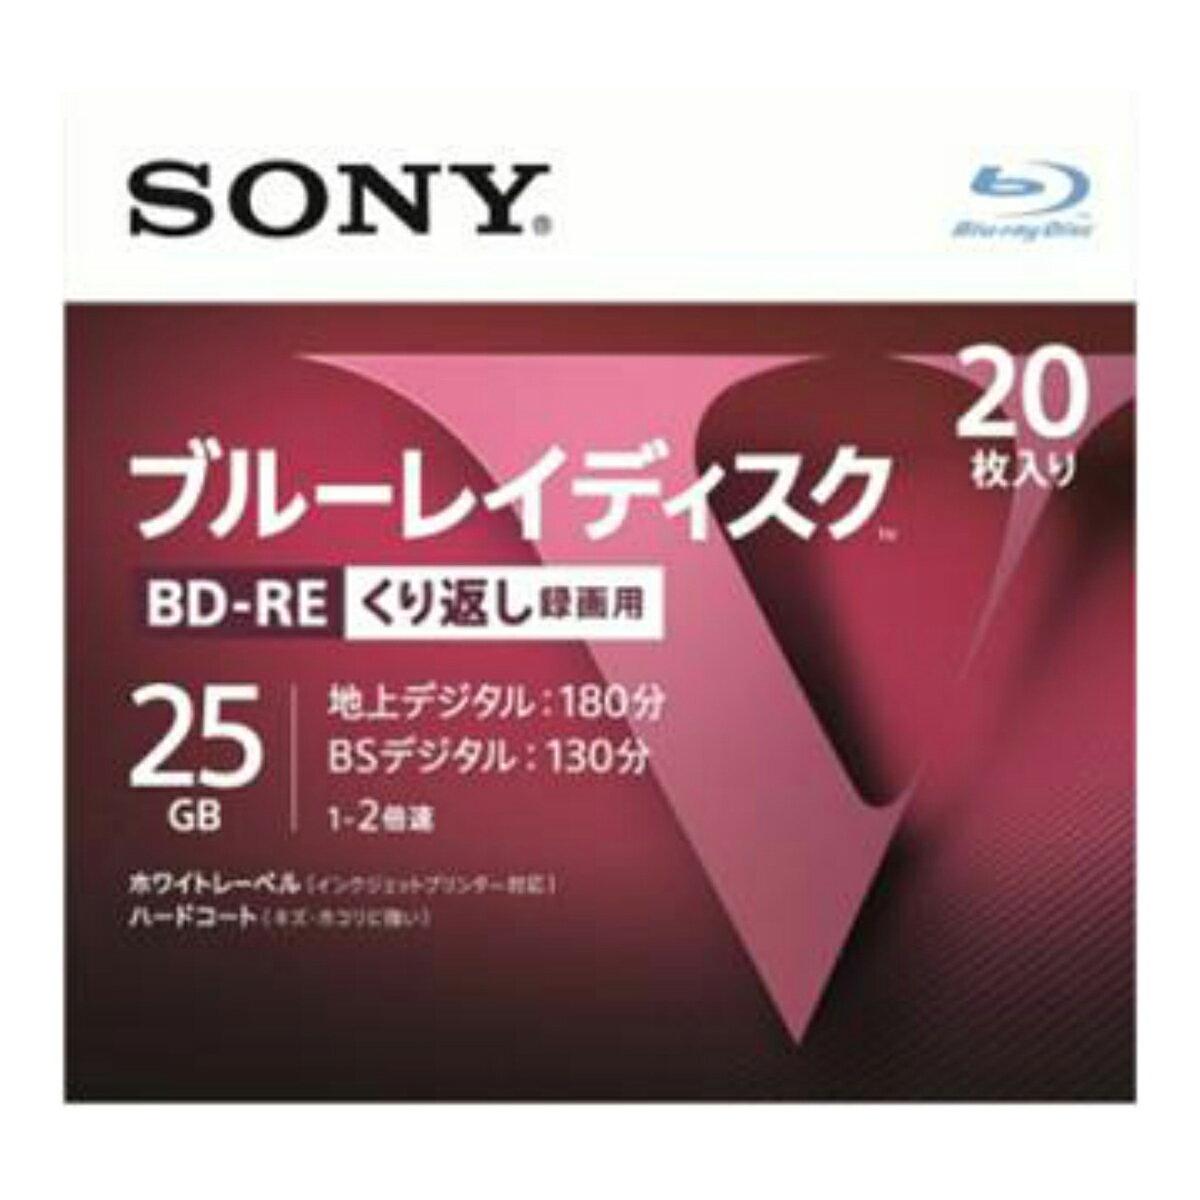 【送料無料・まとめ買い×3】SONY BD-RE ソニー ブルーレイディスク 繰り返し録画用 25G 20枚入 RE2倍速1層 Vシリーズ 20BNE1VLPS2 ×3点セット(4548736037045)